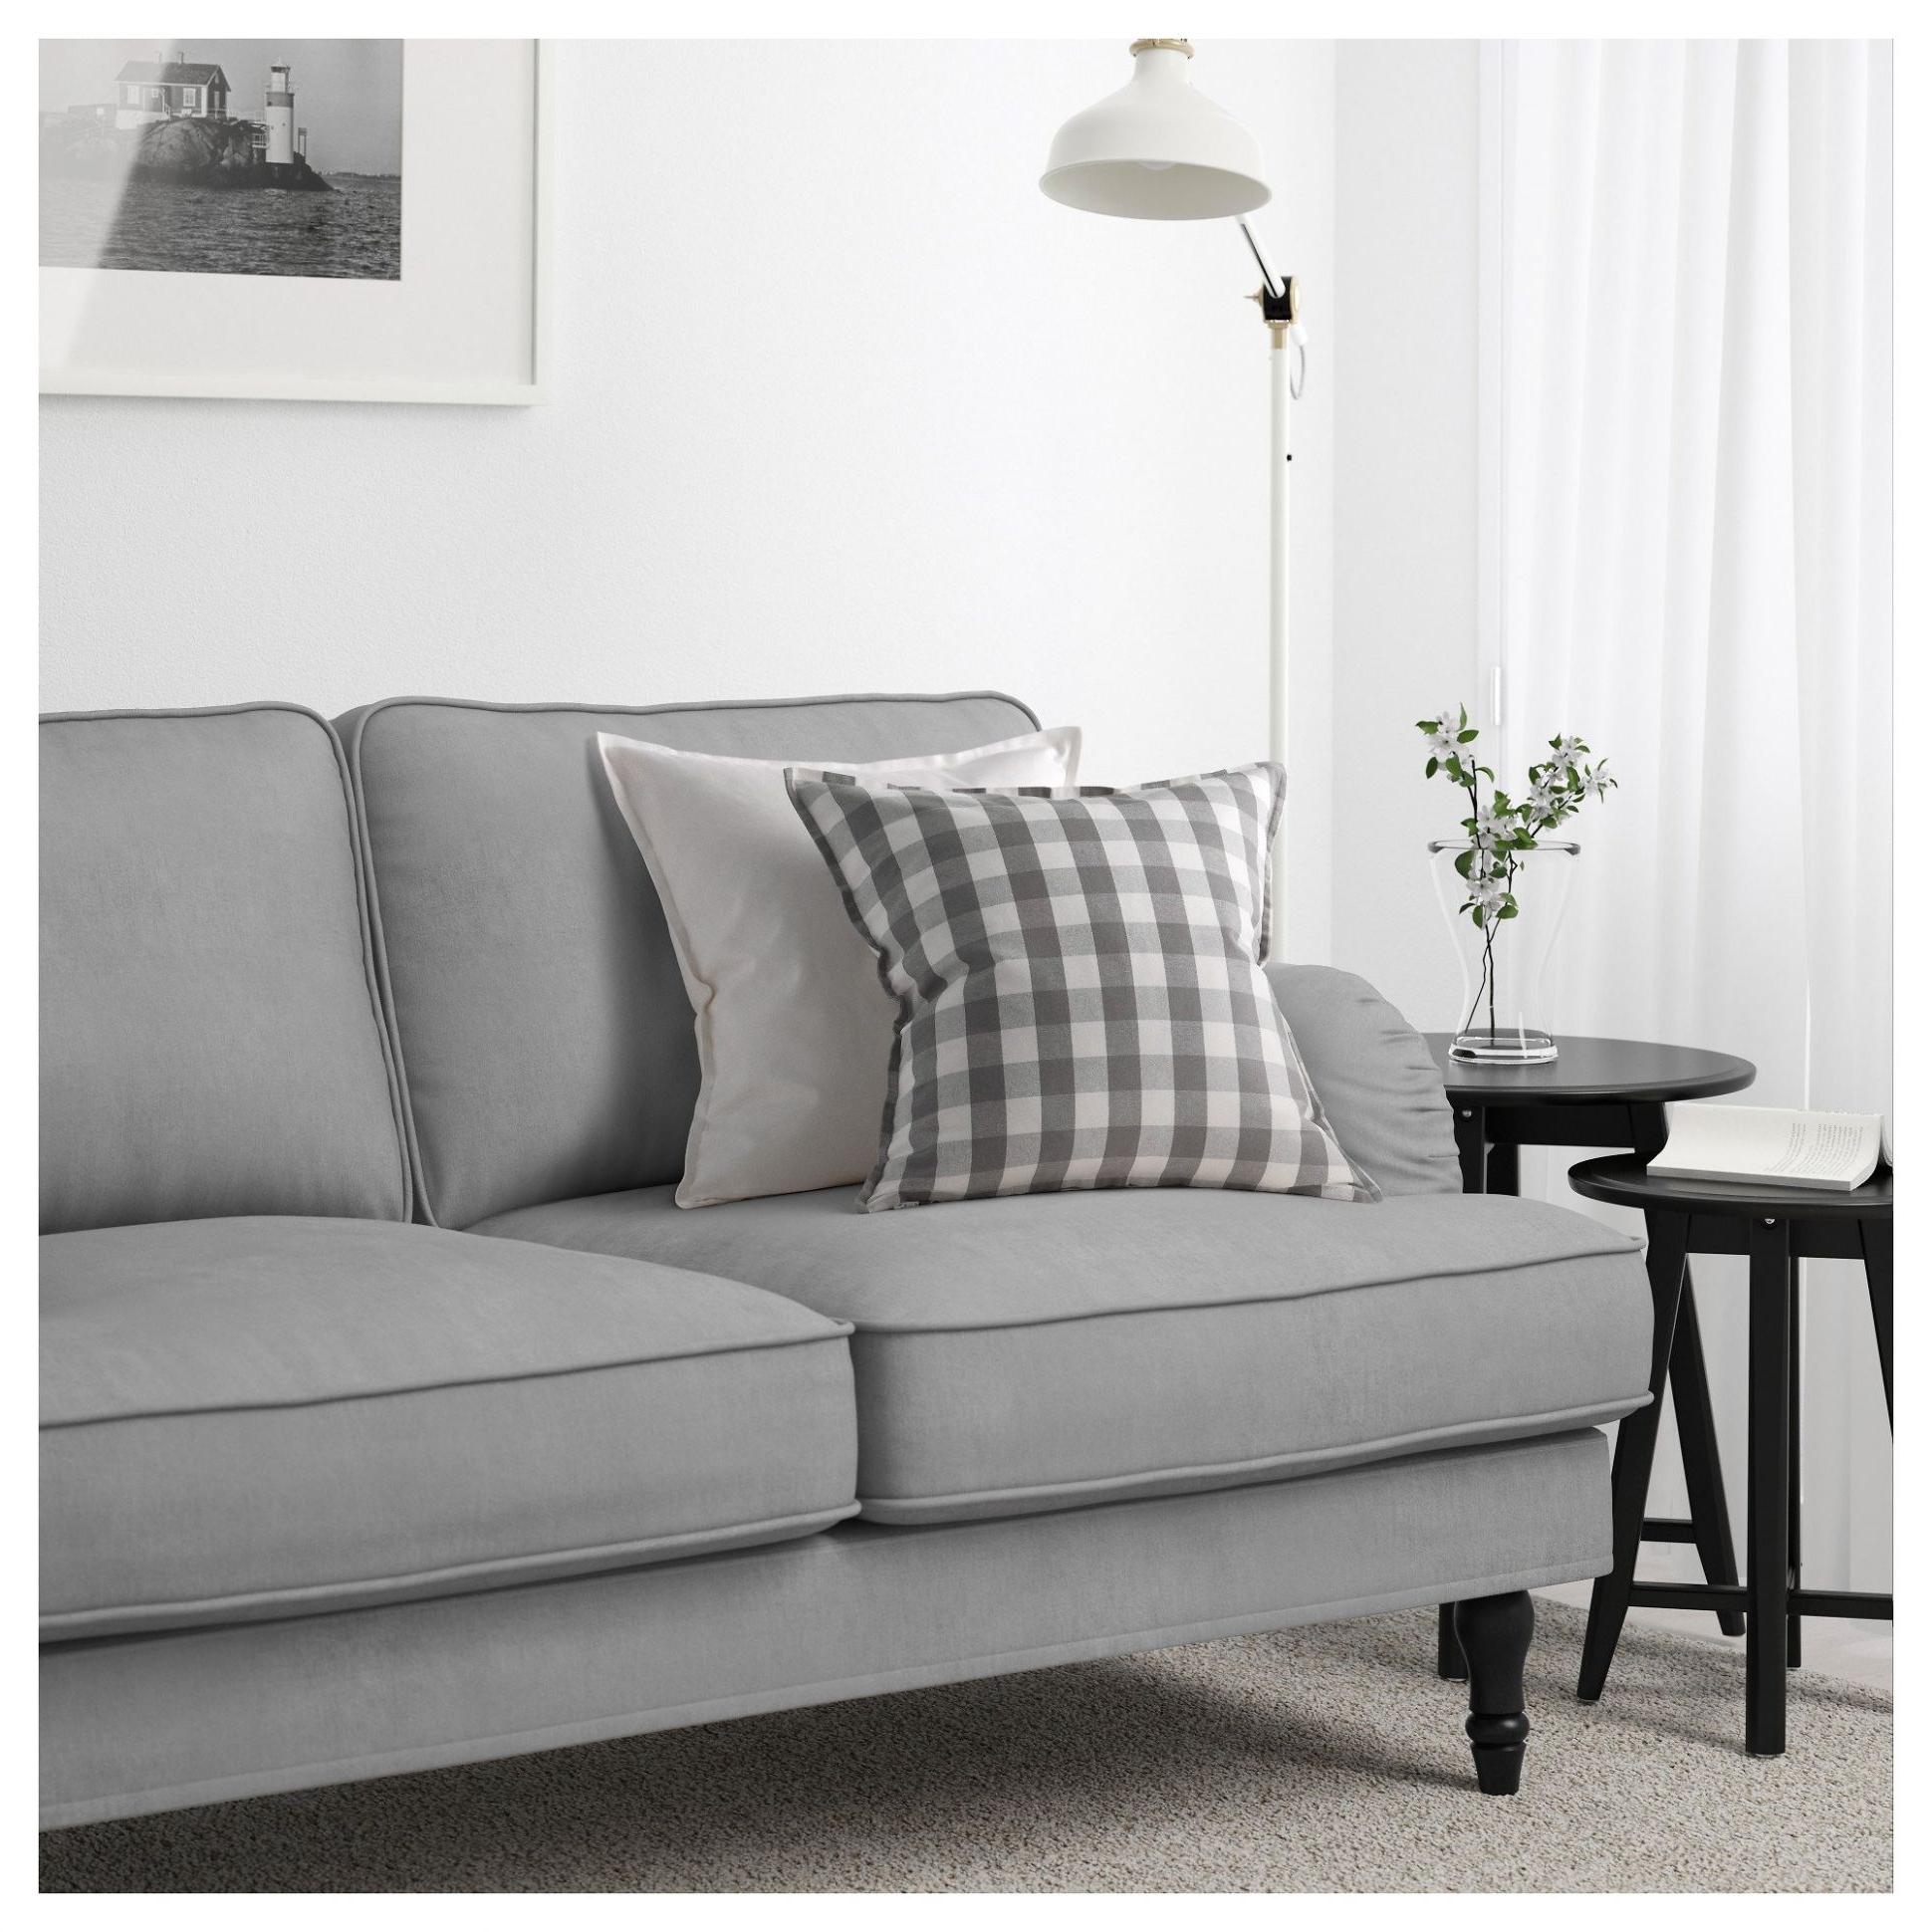 Ikea sofas Modulares 9fdy sofas Modulares Ikea Hermoso Fotos sofa 2 Sitzer Grau Yct Projekte